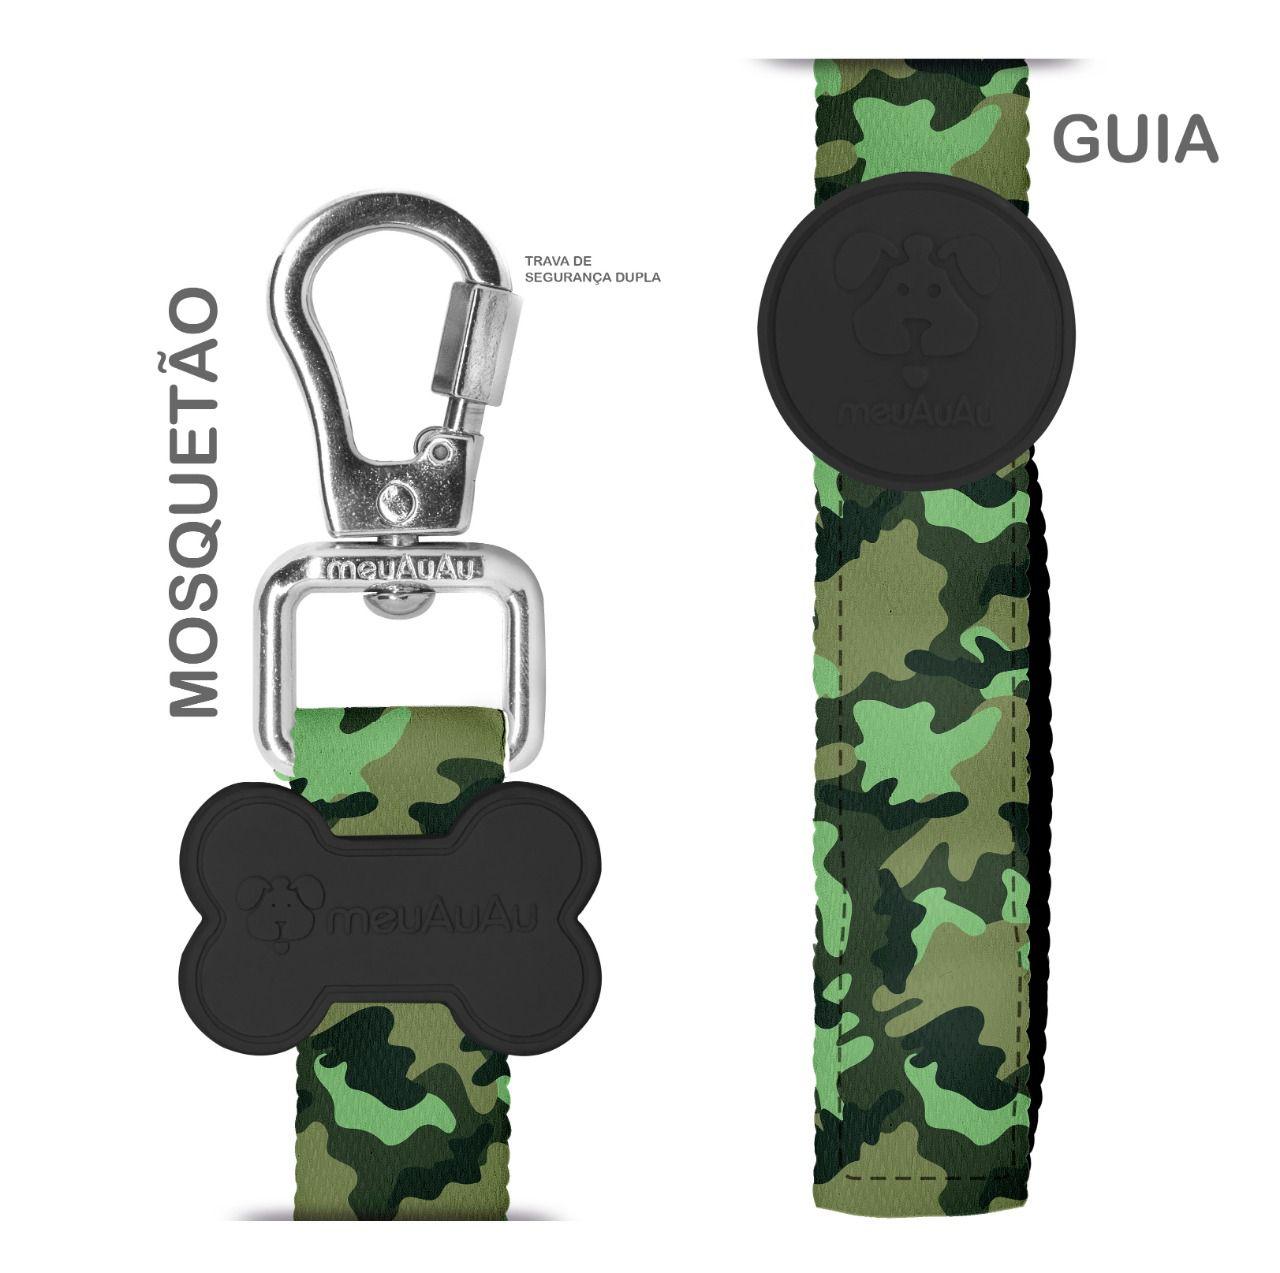 GUIA MEUAUAU - CAMUFLADO